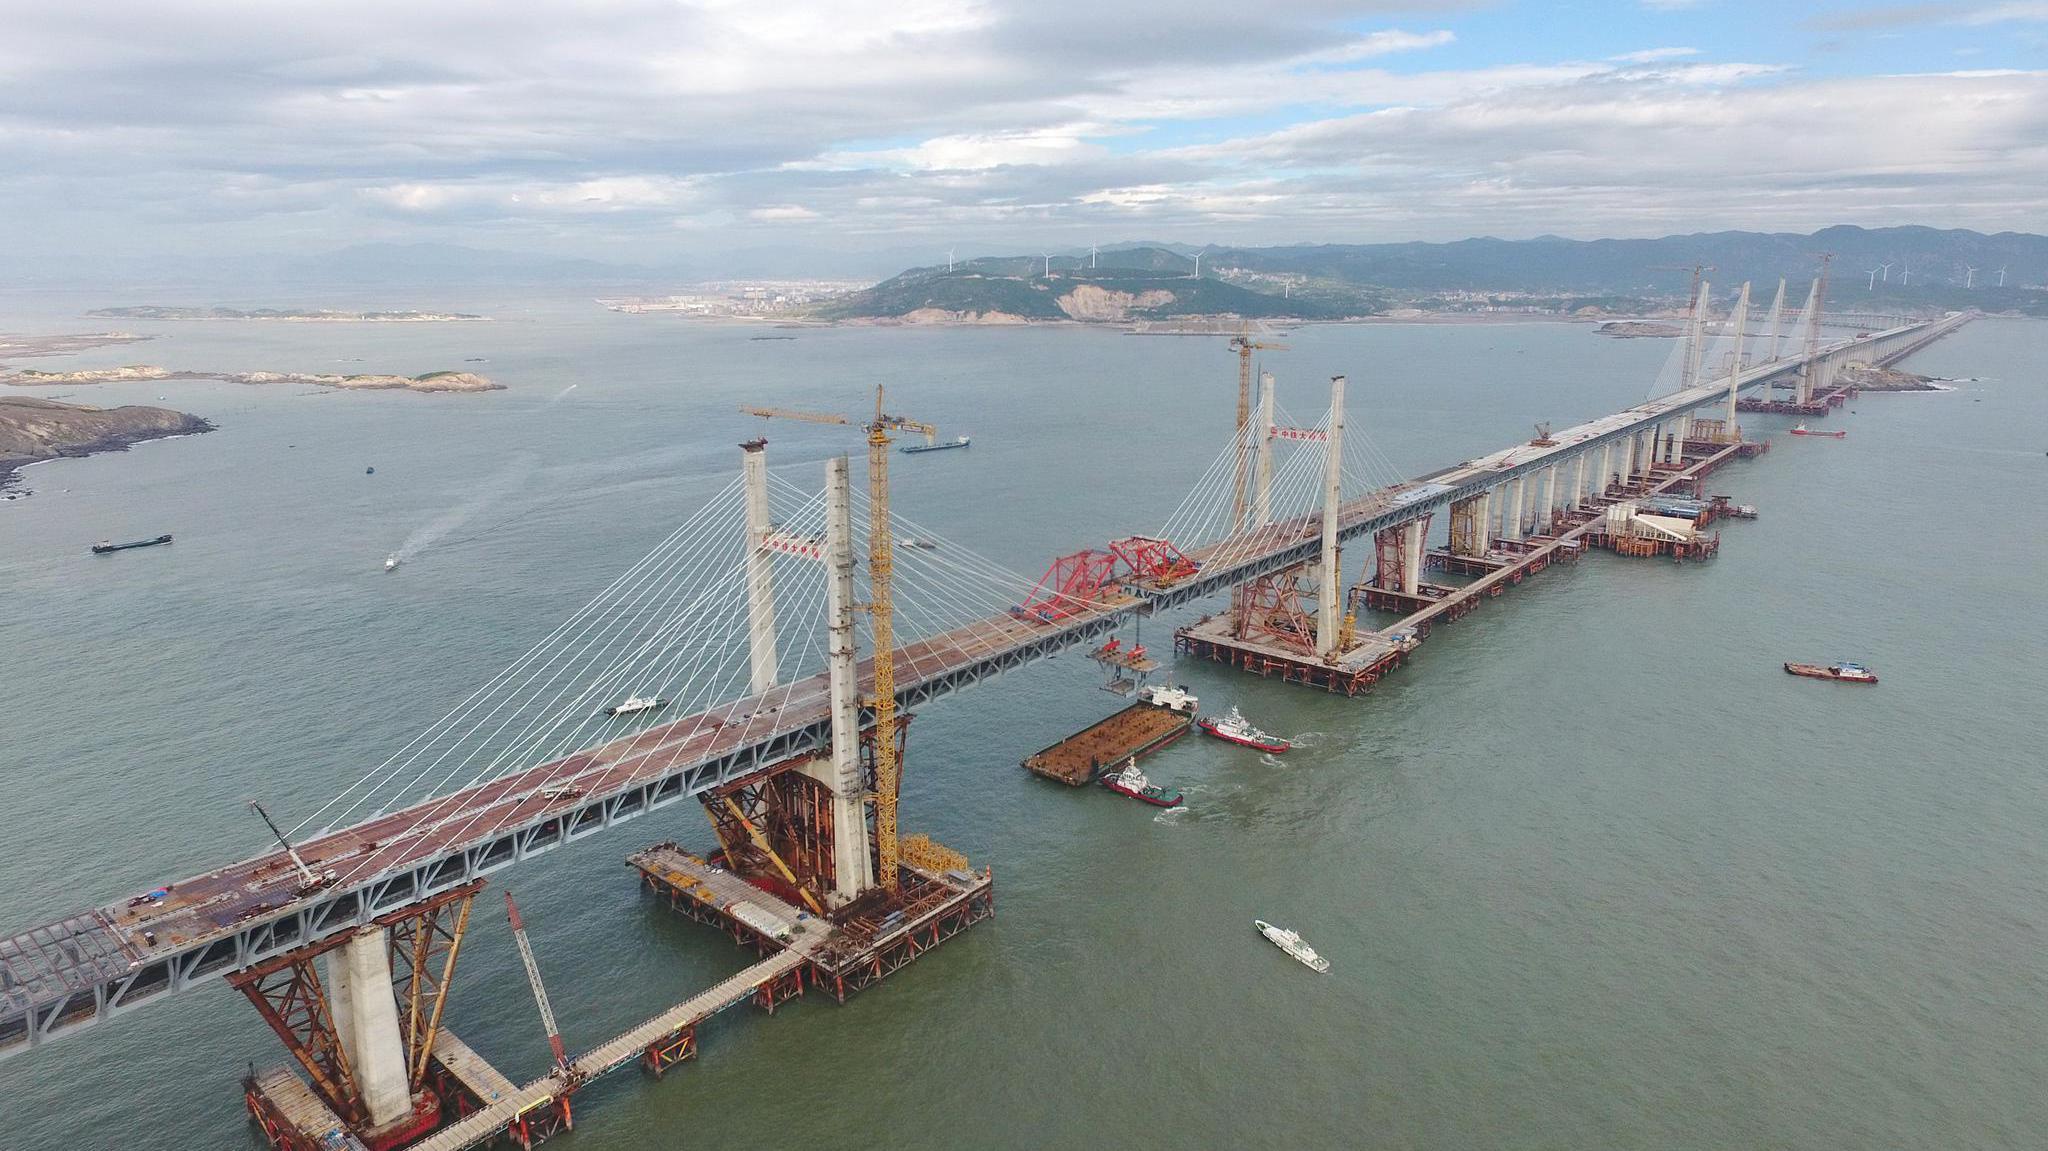 直通台湾,中国修建这一座跨海大桥,已预留大桥接口连接台湾!